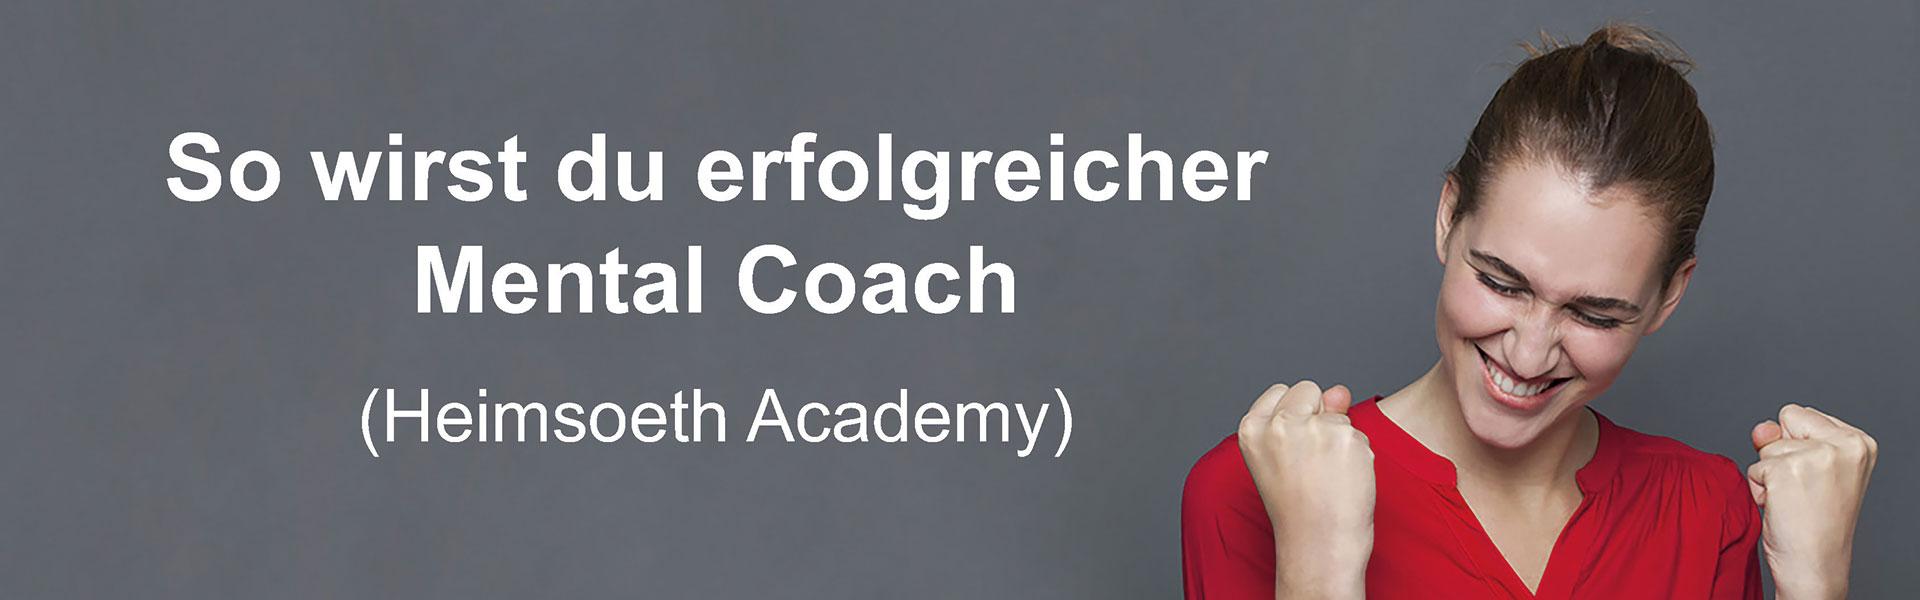 So wirst du erfolgreicher Mental Coach (Heimsoeth Academy)